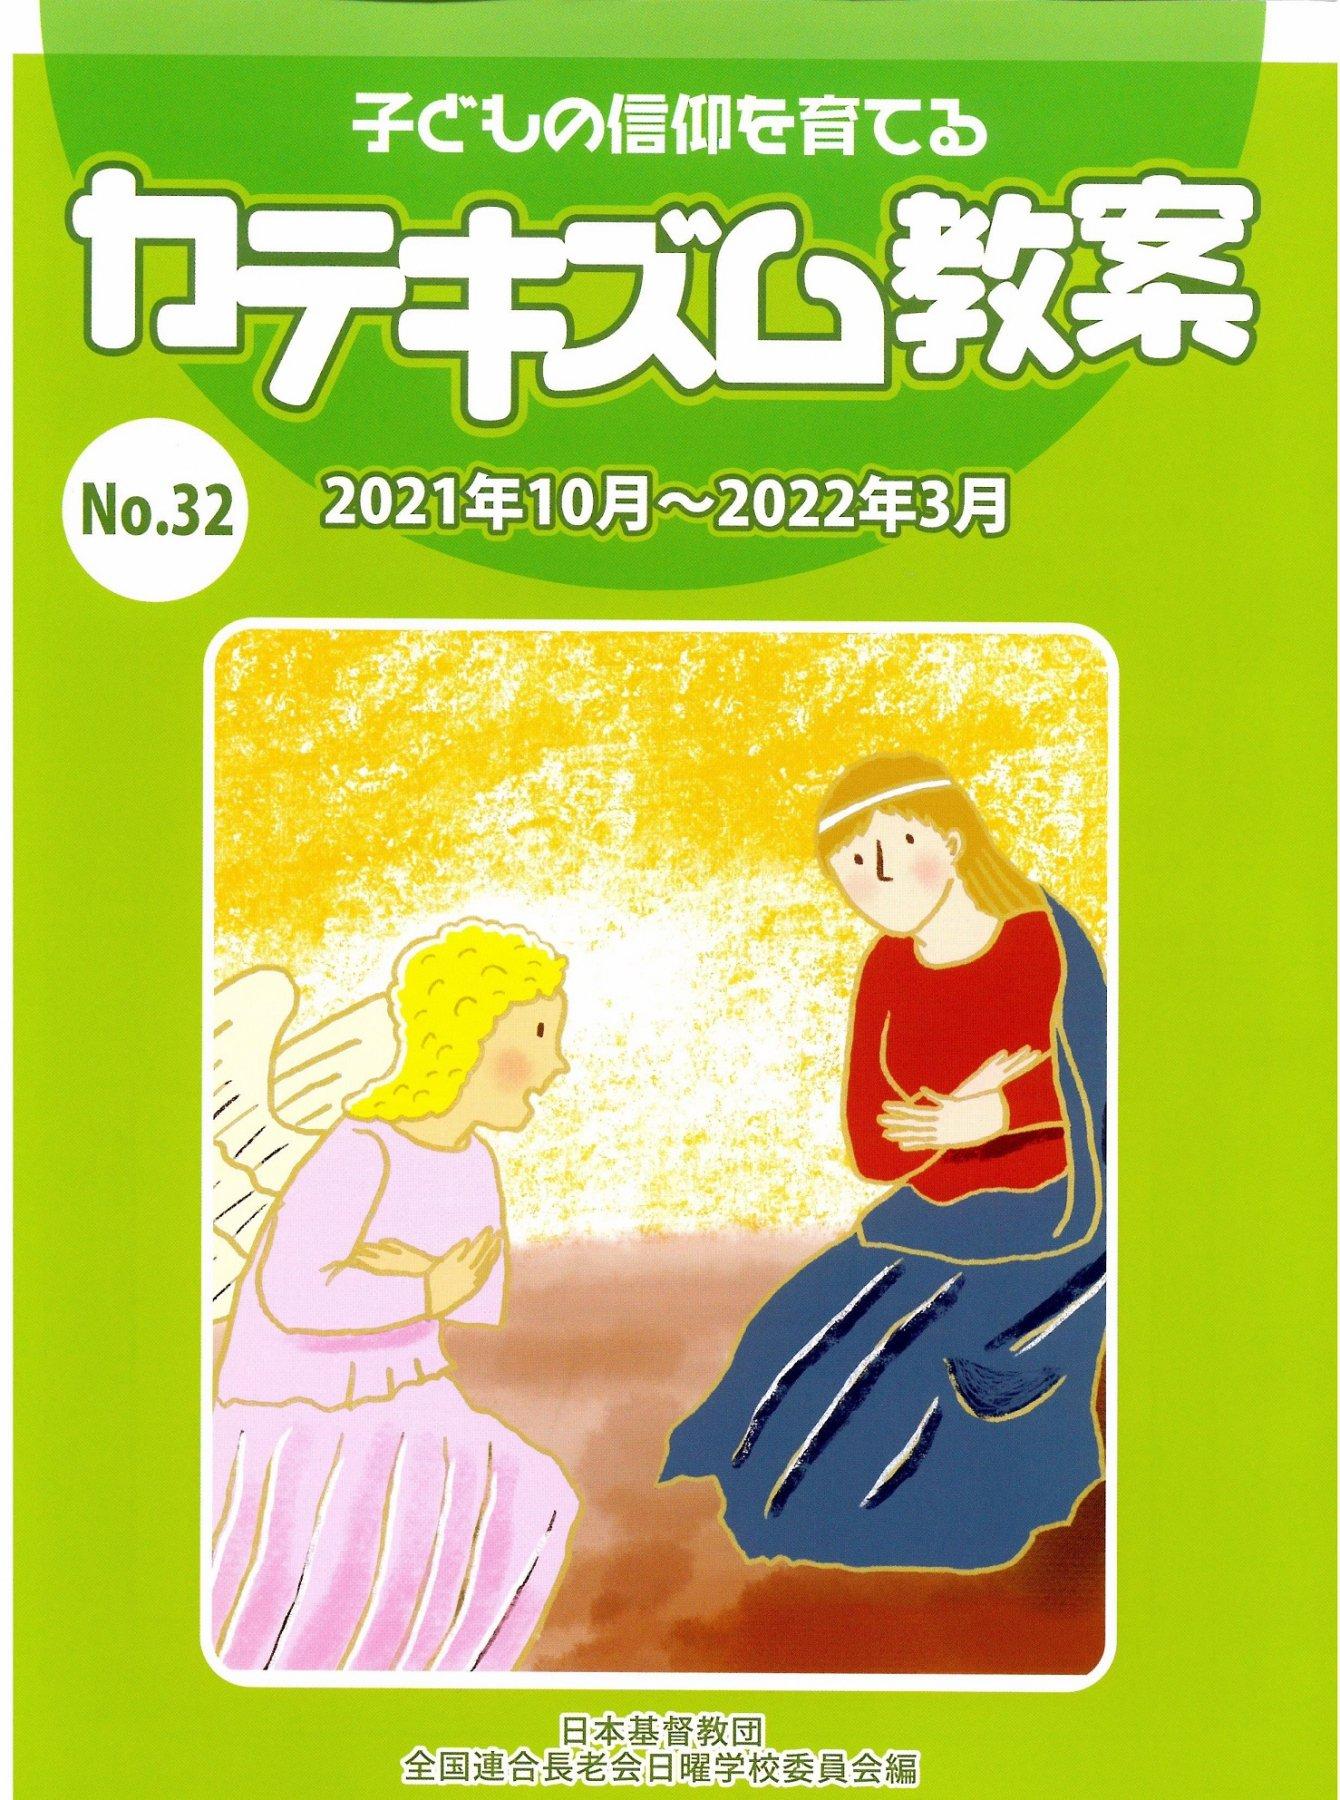 『カテキズム教案』32号の商品画像